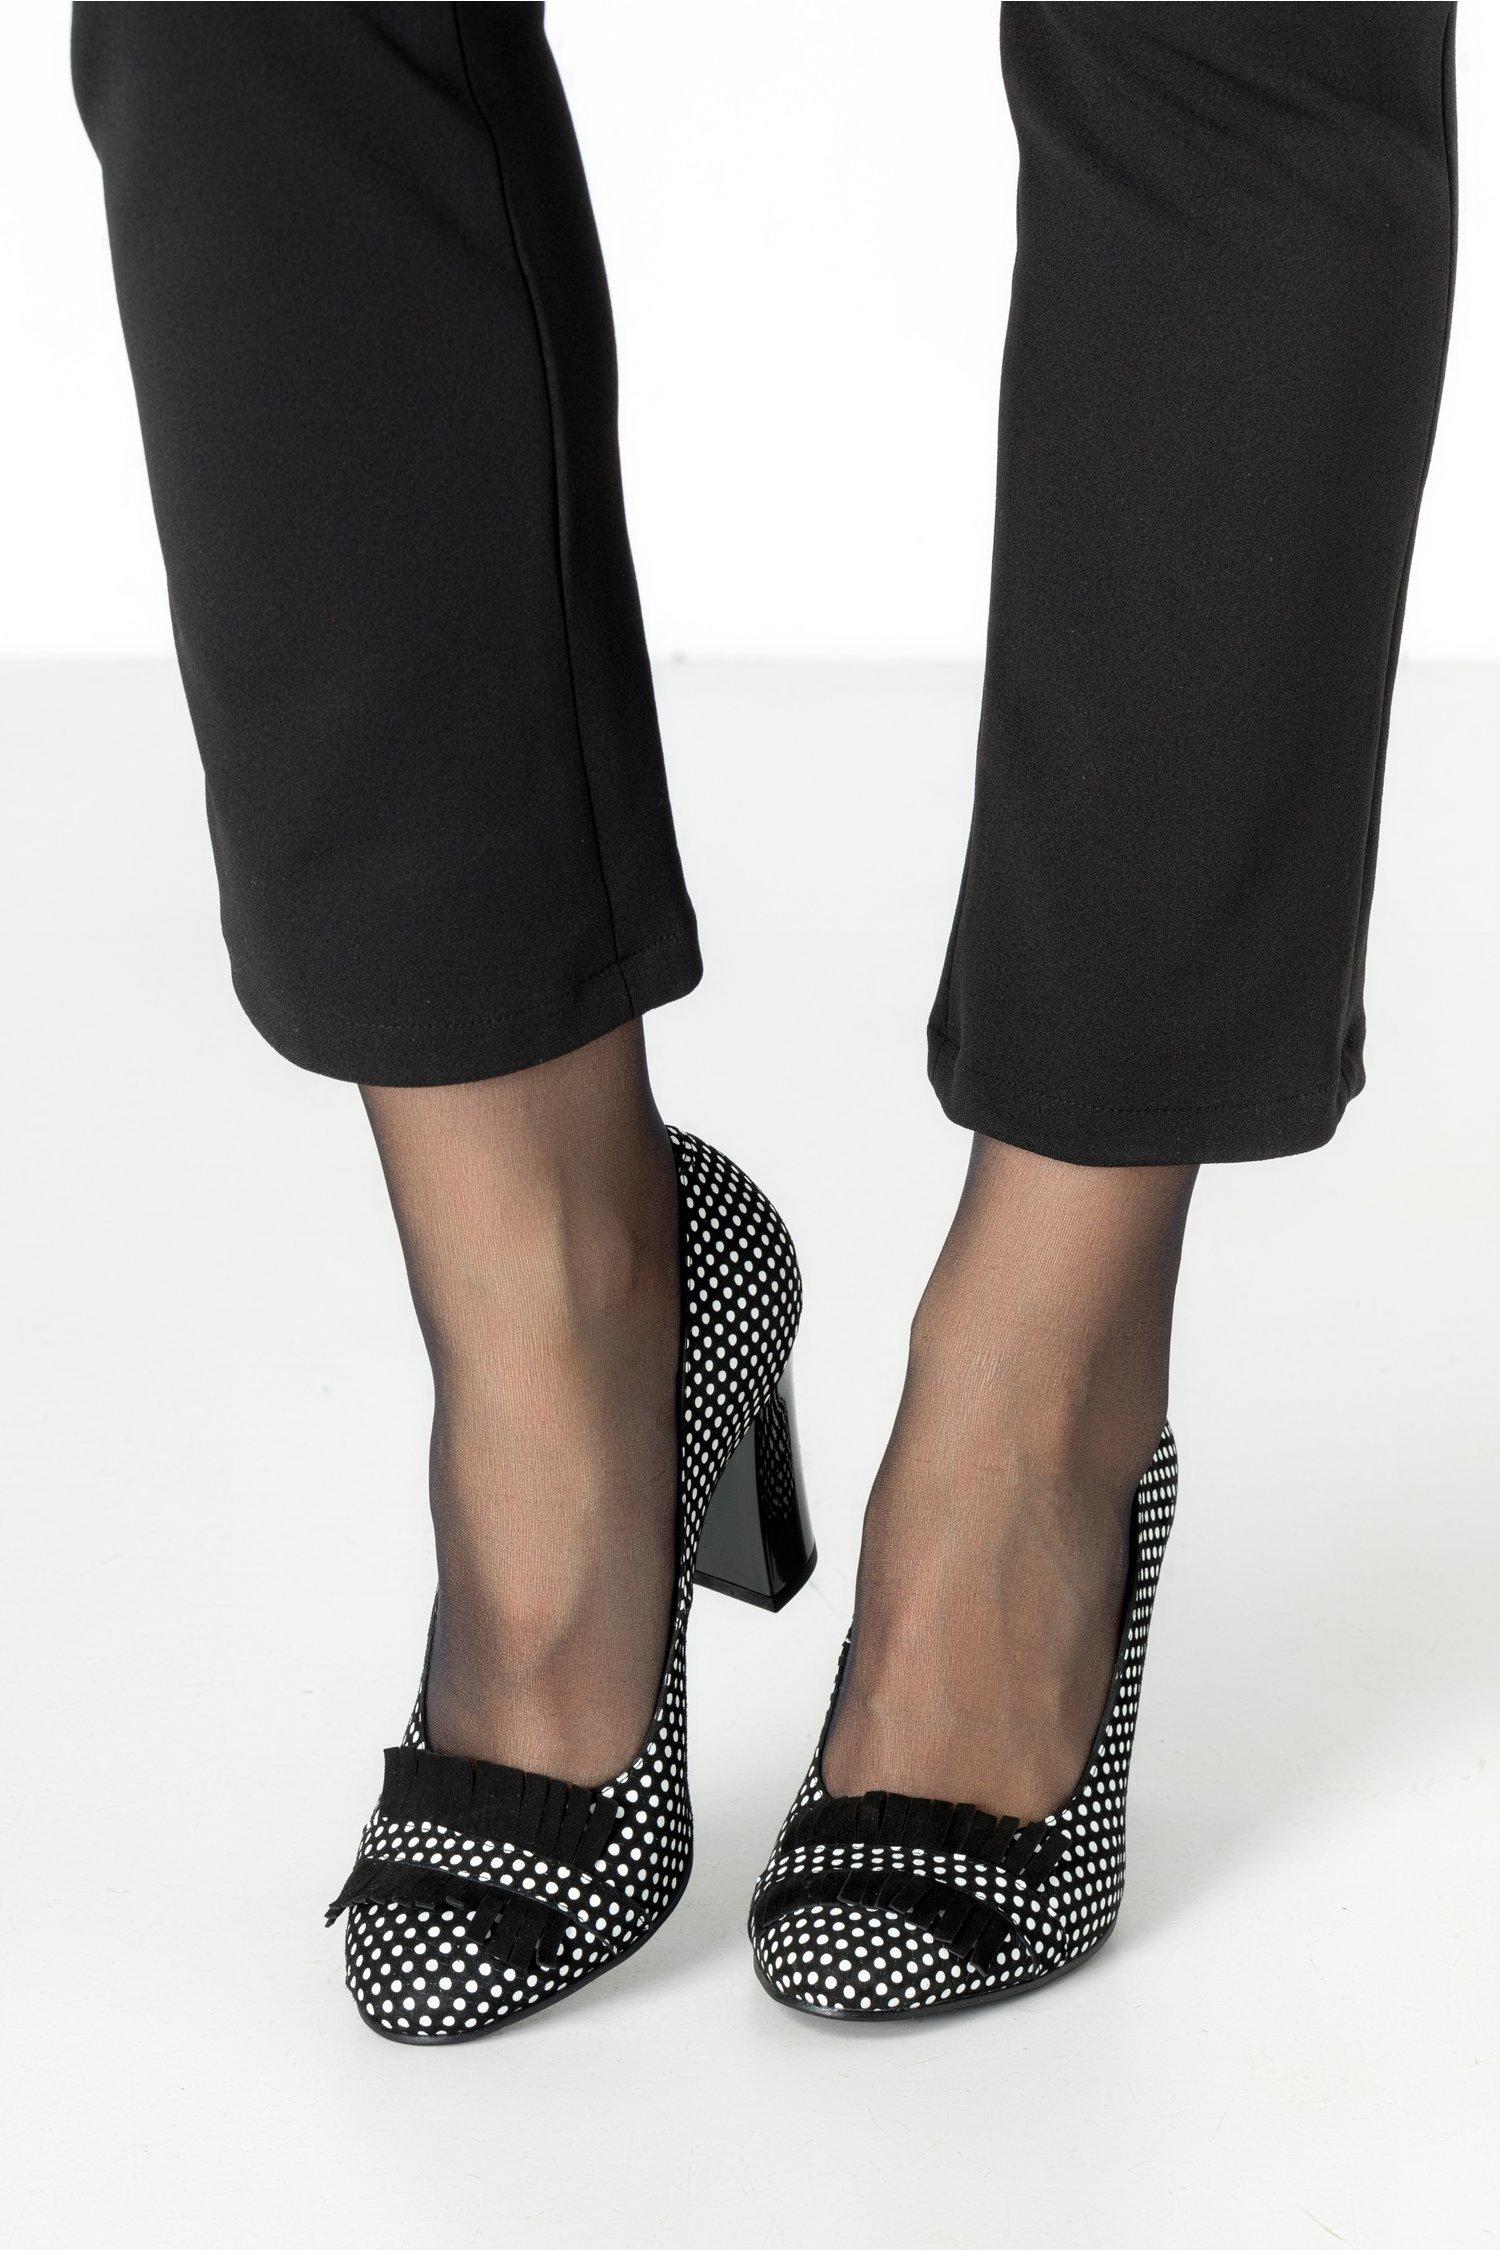 Pantofi nergi eleganti cu buline albe si franjuri negrii